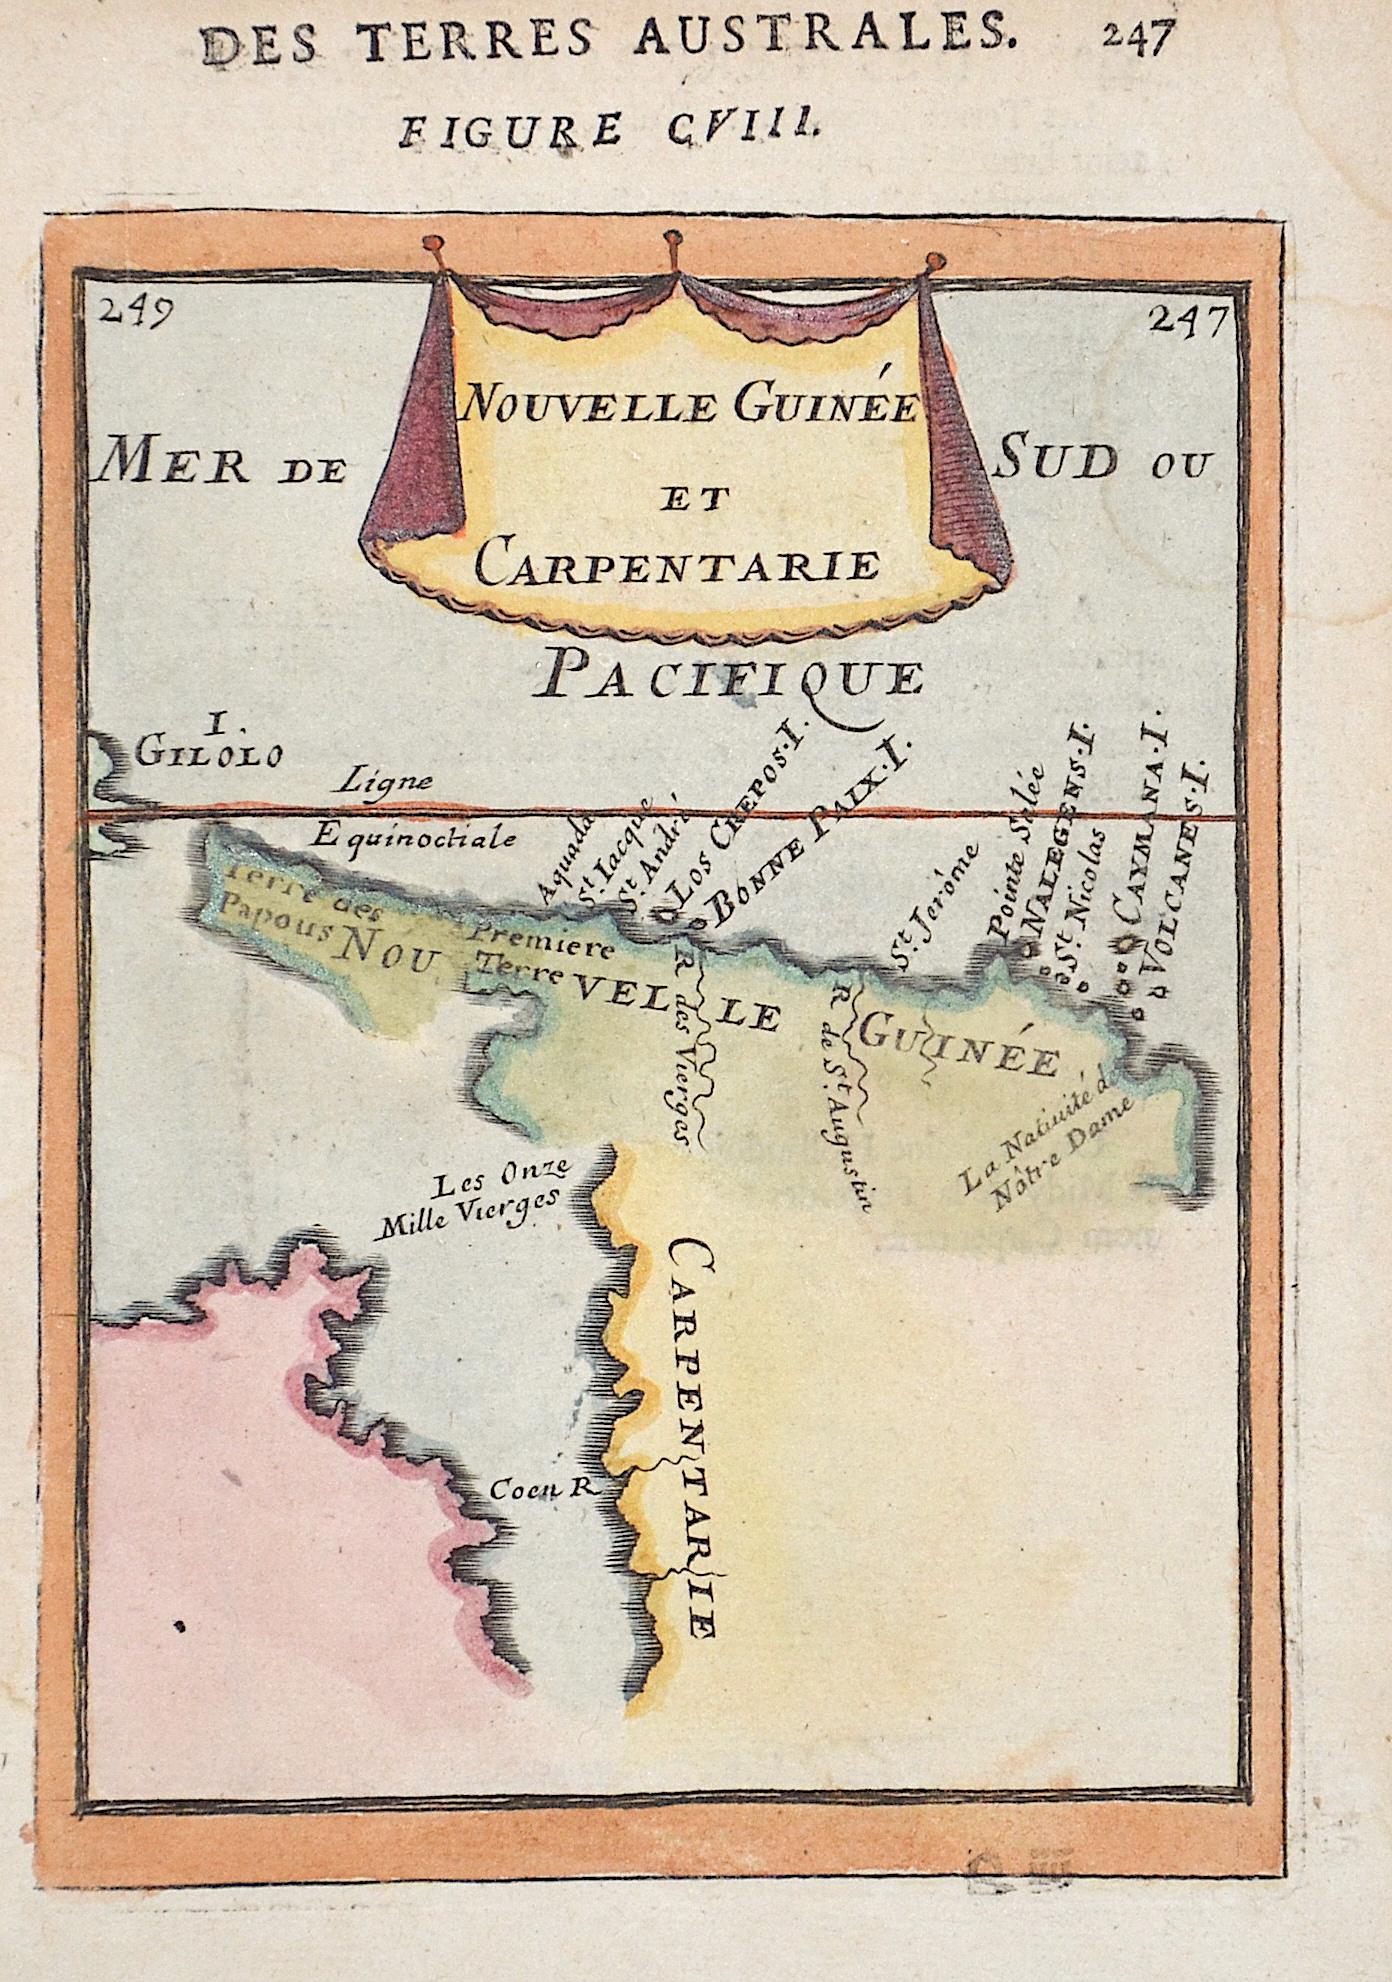 Mallet  Nouvelle Guinee et Carpentarie / Des Terres Australes. Figure CVIII. 247